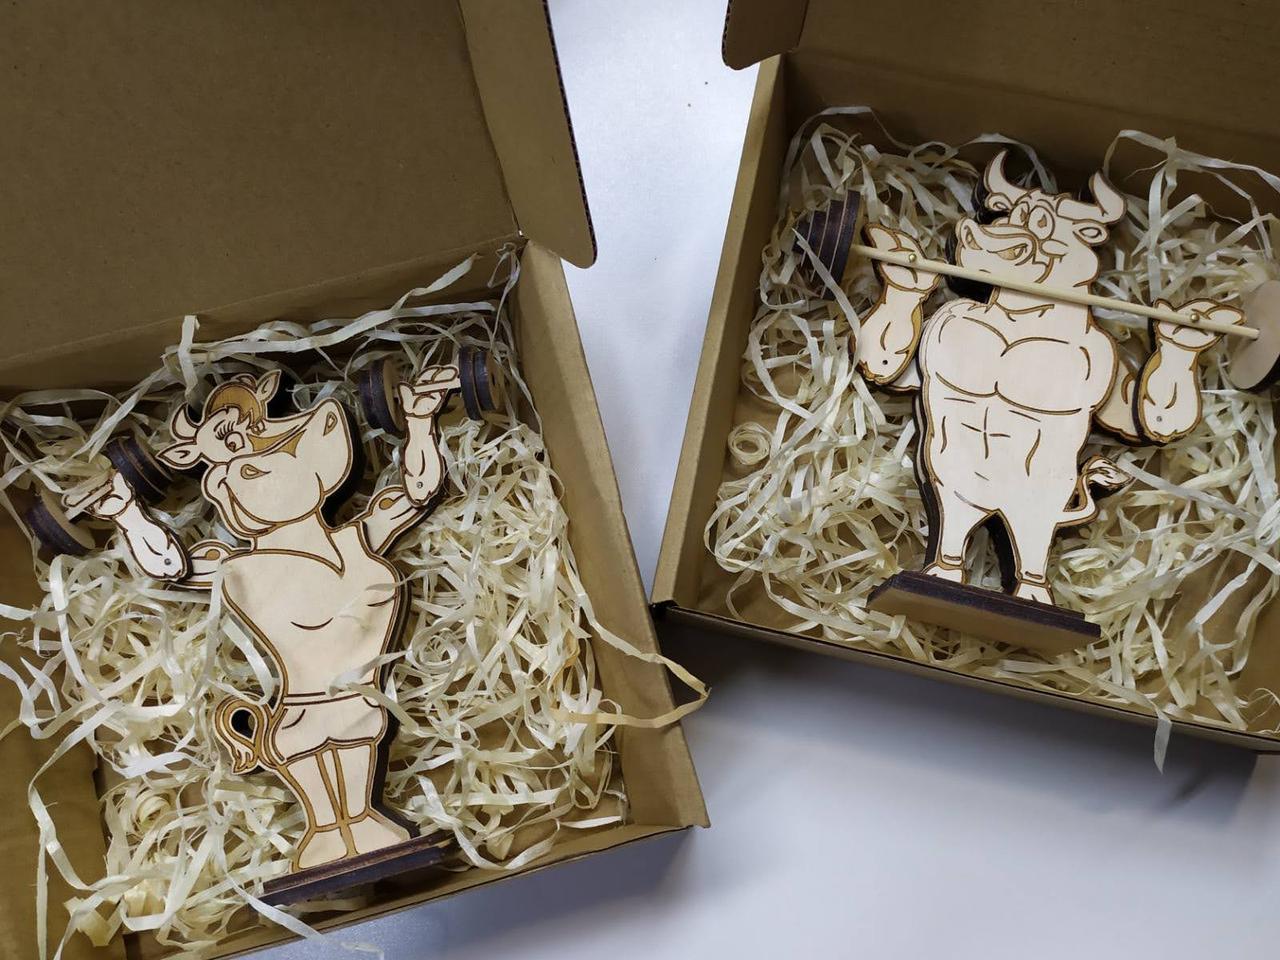 Символи 2021 - бичок і корова, рухаються фігурки, новорічні іграшки, подарунок на новий рік